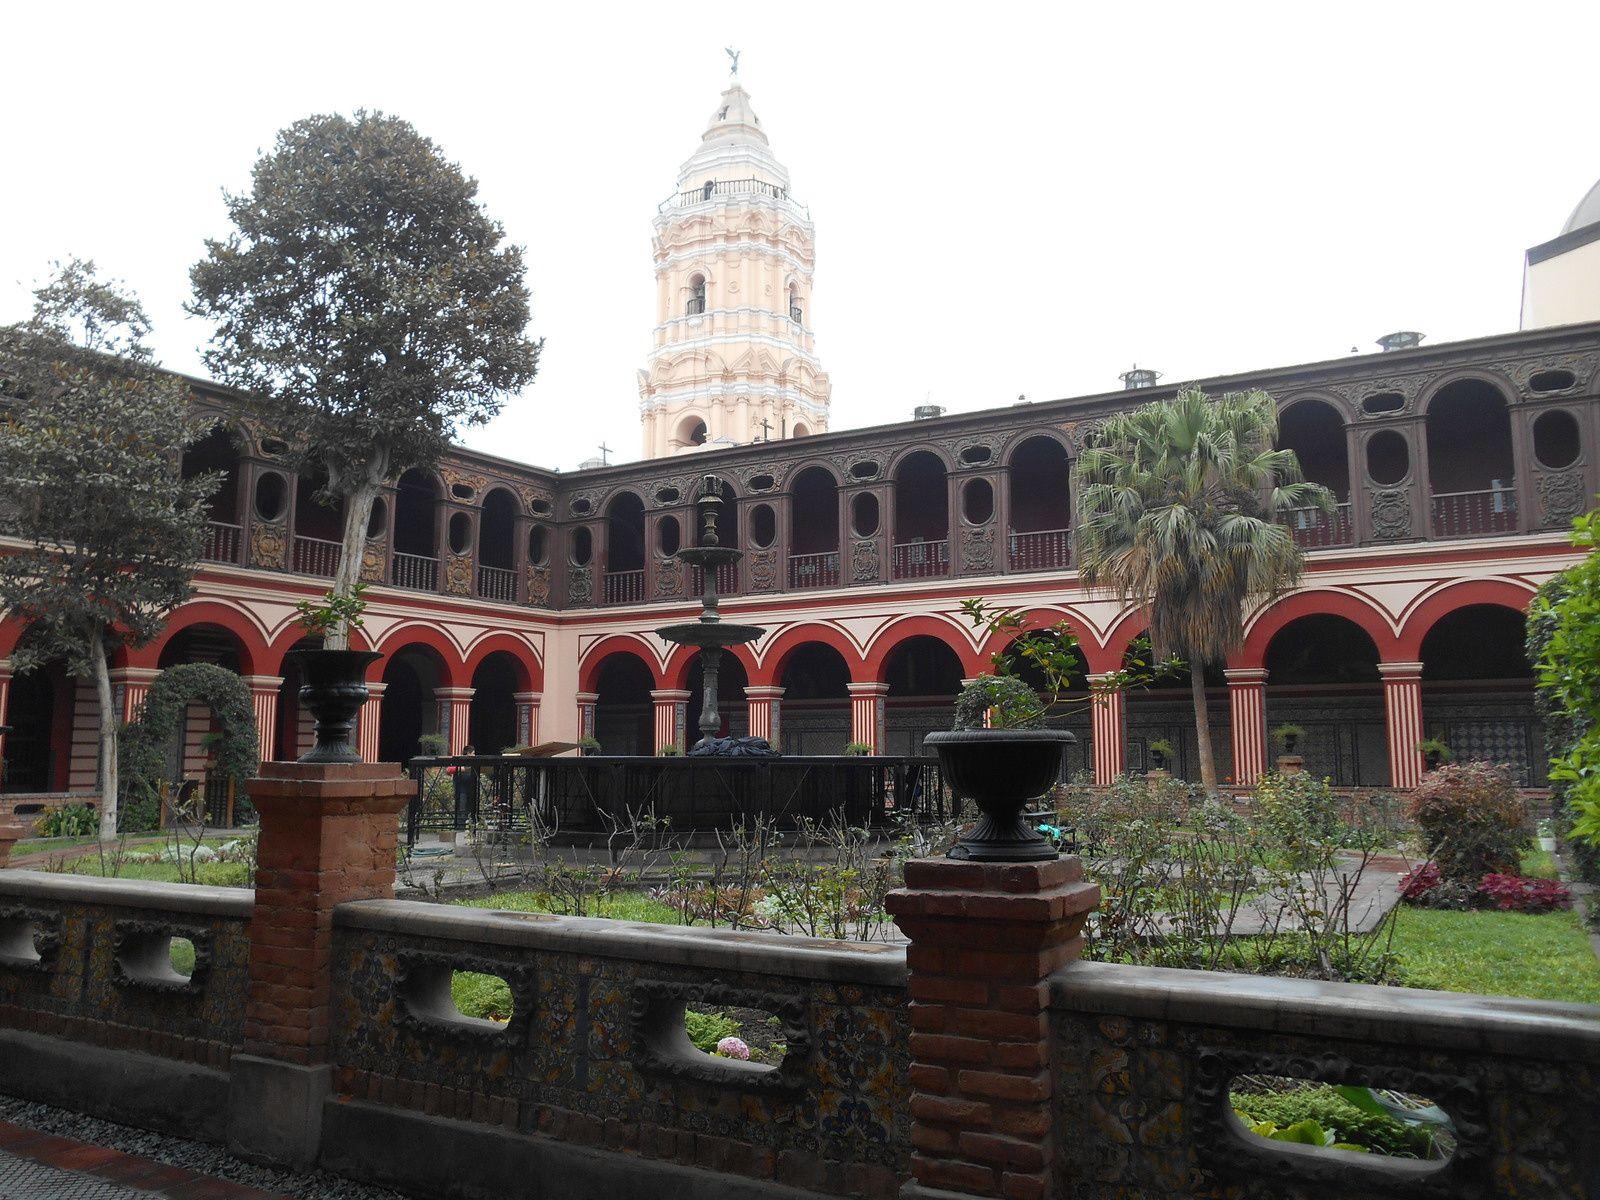 Le cloître du couvent  dont les galeries sont ornées d'azulejos sévillans du 17è siècle et les plafonds de caissons de bois sculpté.